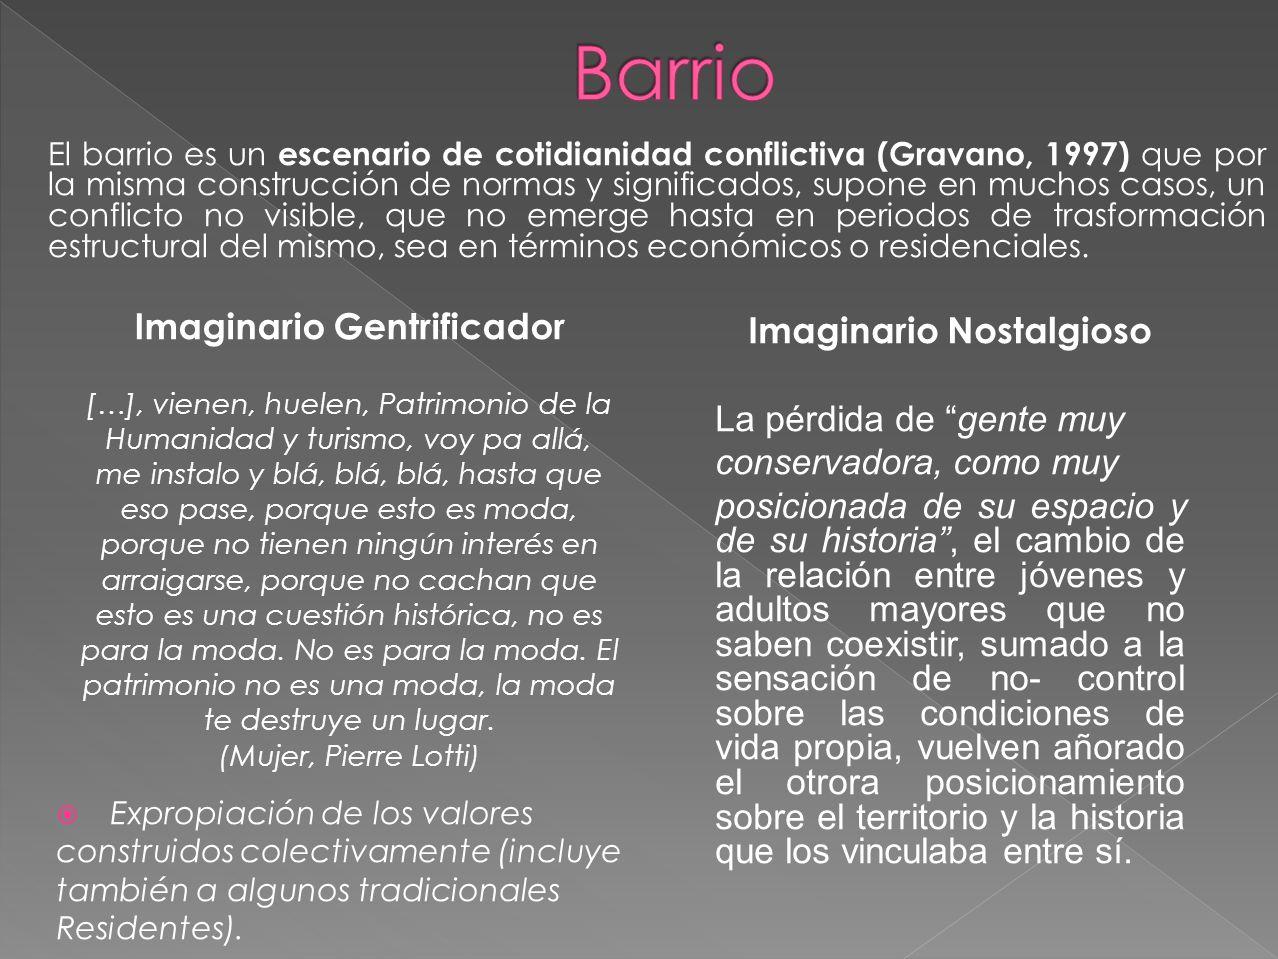 Imaginario Gentrificador Imaginario Nostalgioso